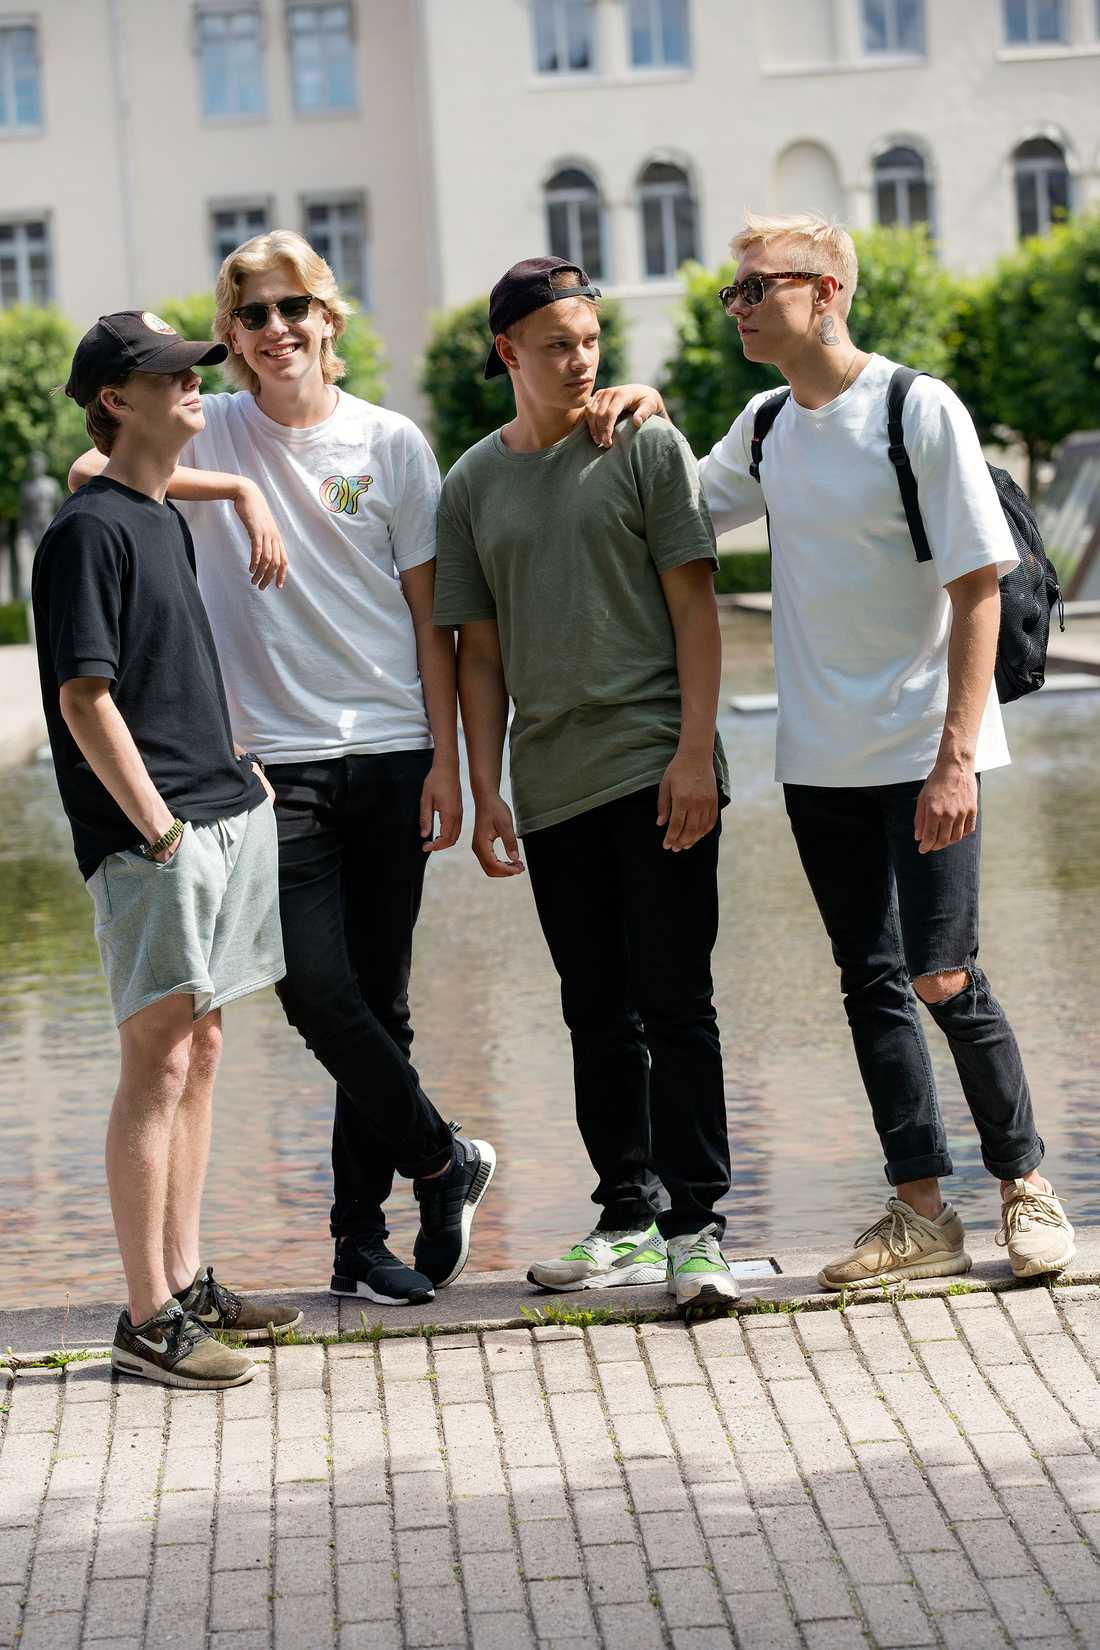 Hov1 utgörs av (från vänster) Axel Liljefors Jansson, Noel Flike, Ludwig Kronstrand och Dante Lindhe.